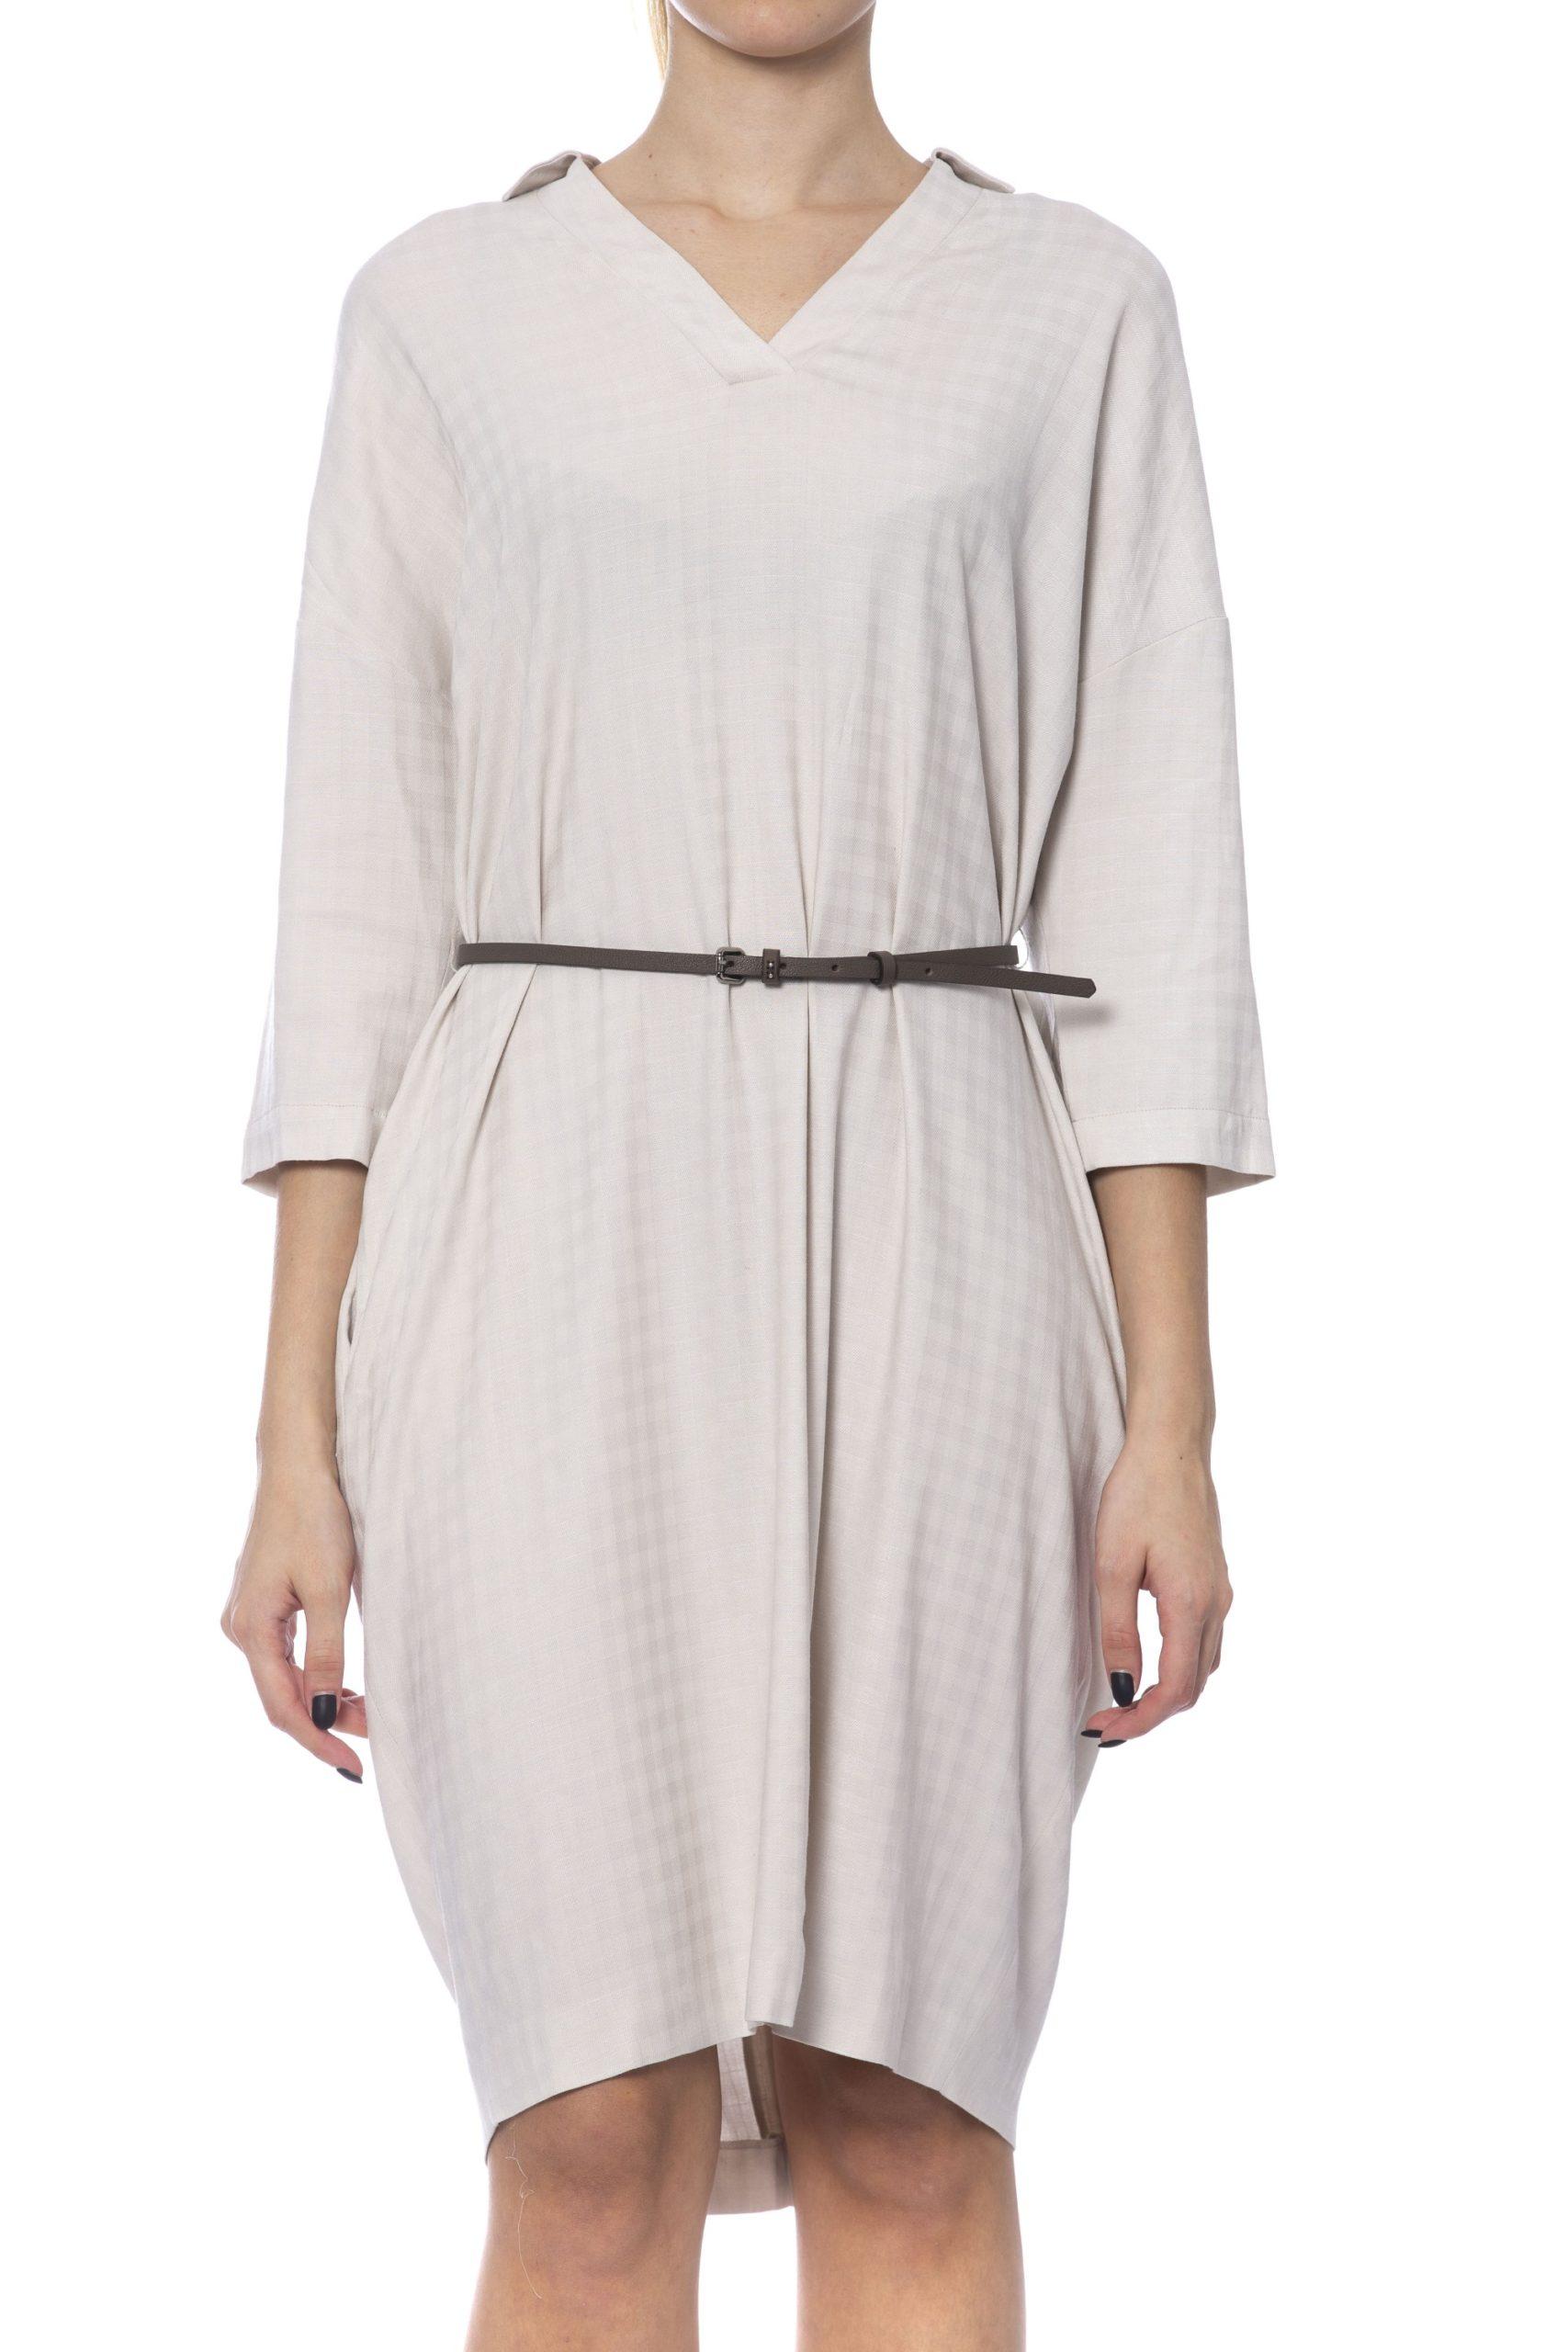 Peserico Women's Dress Beige PE992070 - IT42 | S